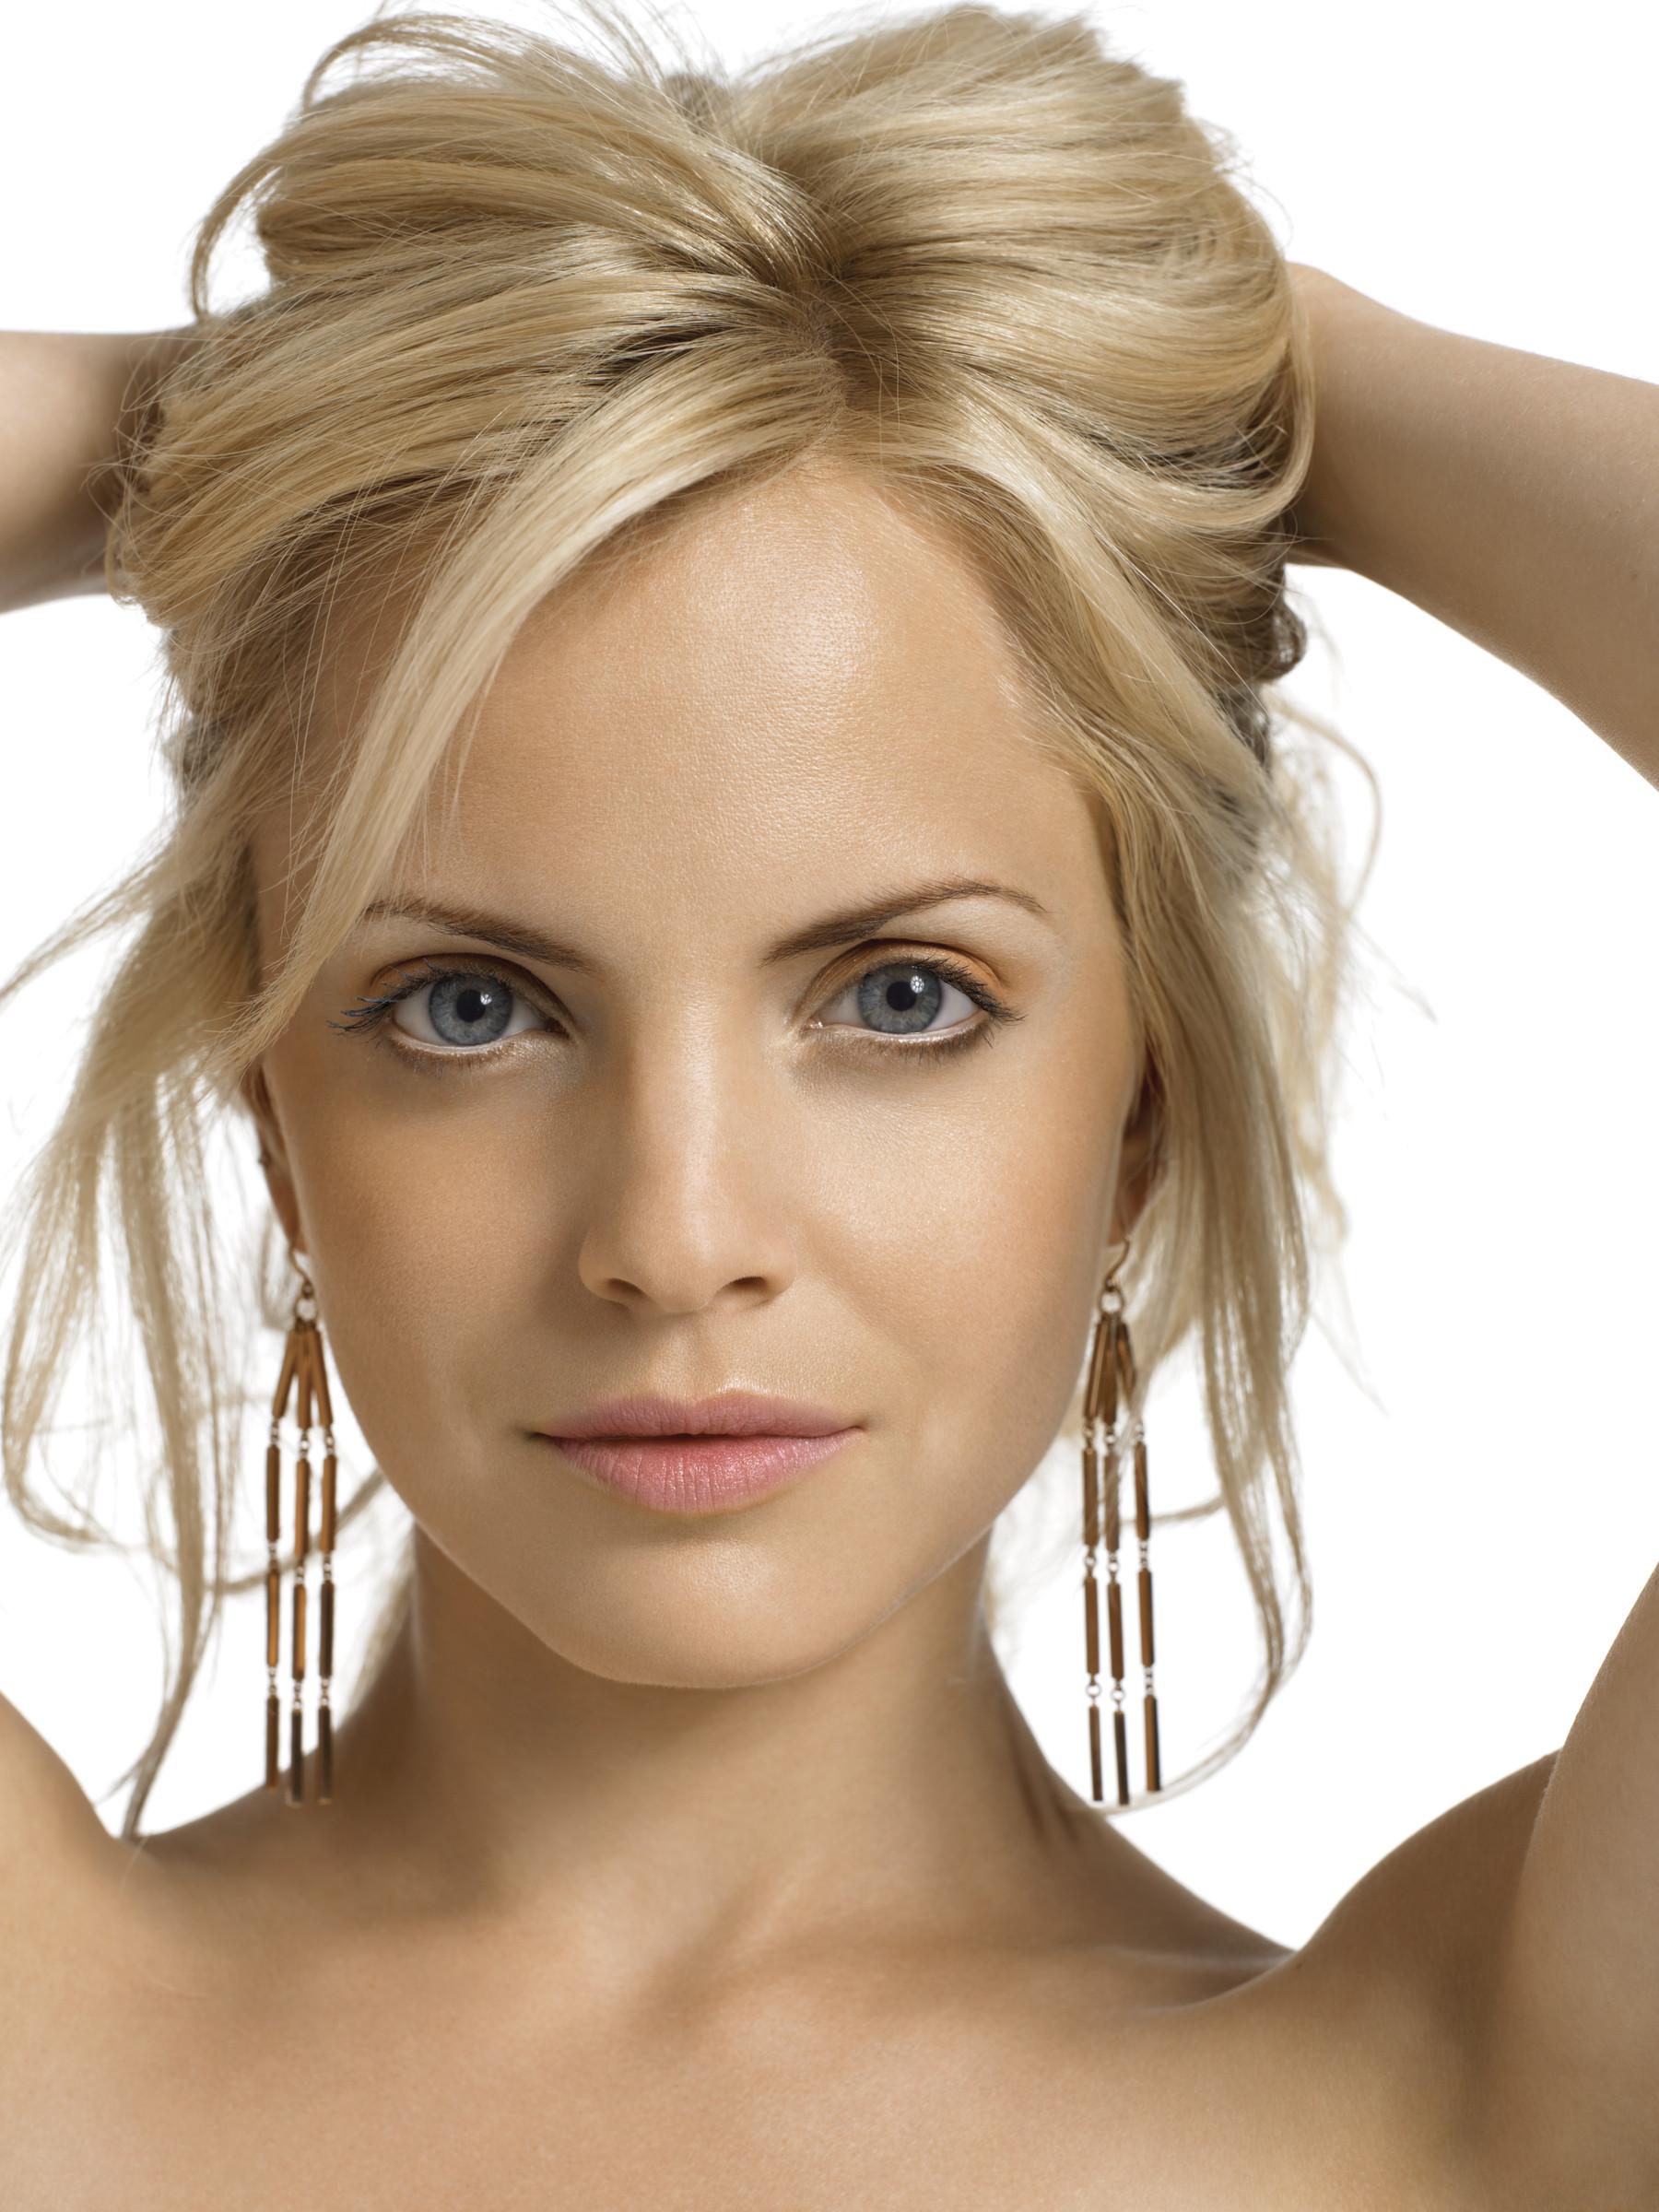 Inoa Ultra blond de Loreal, une coloration qui tourne mal